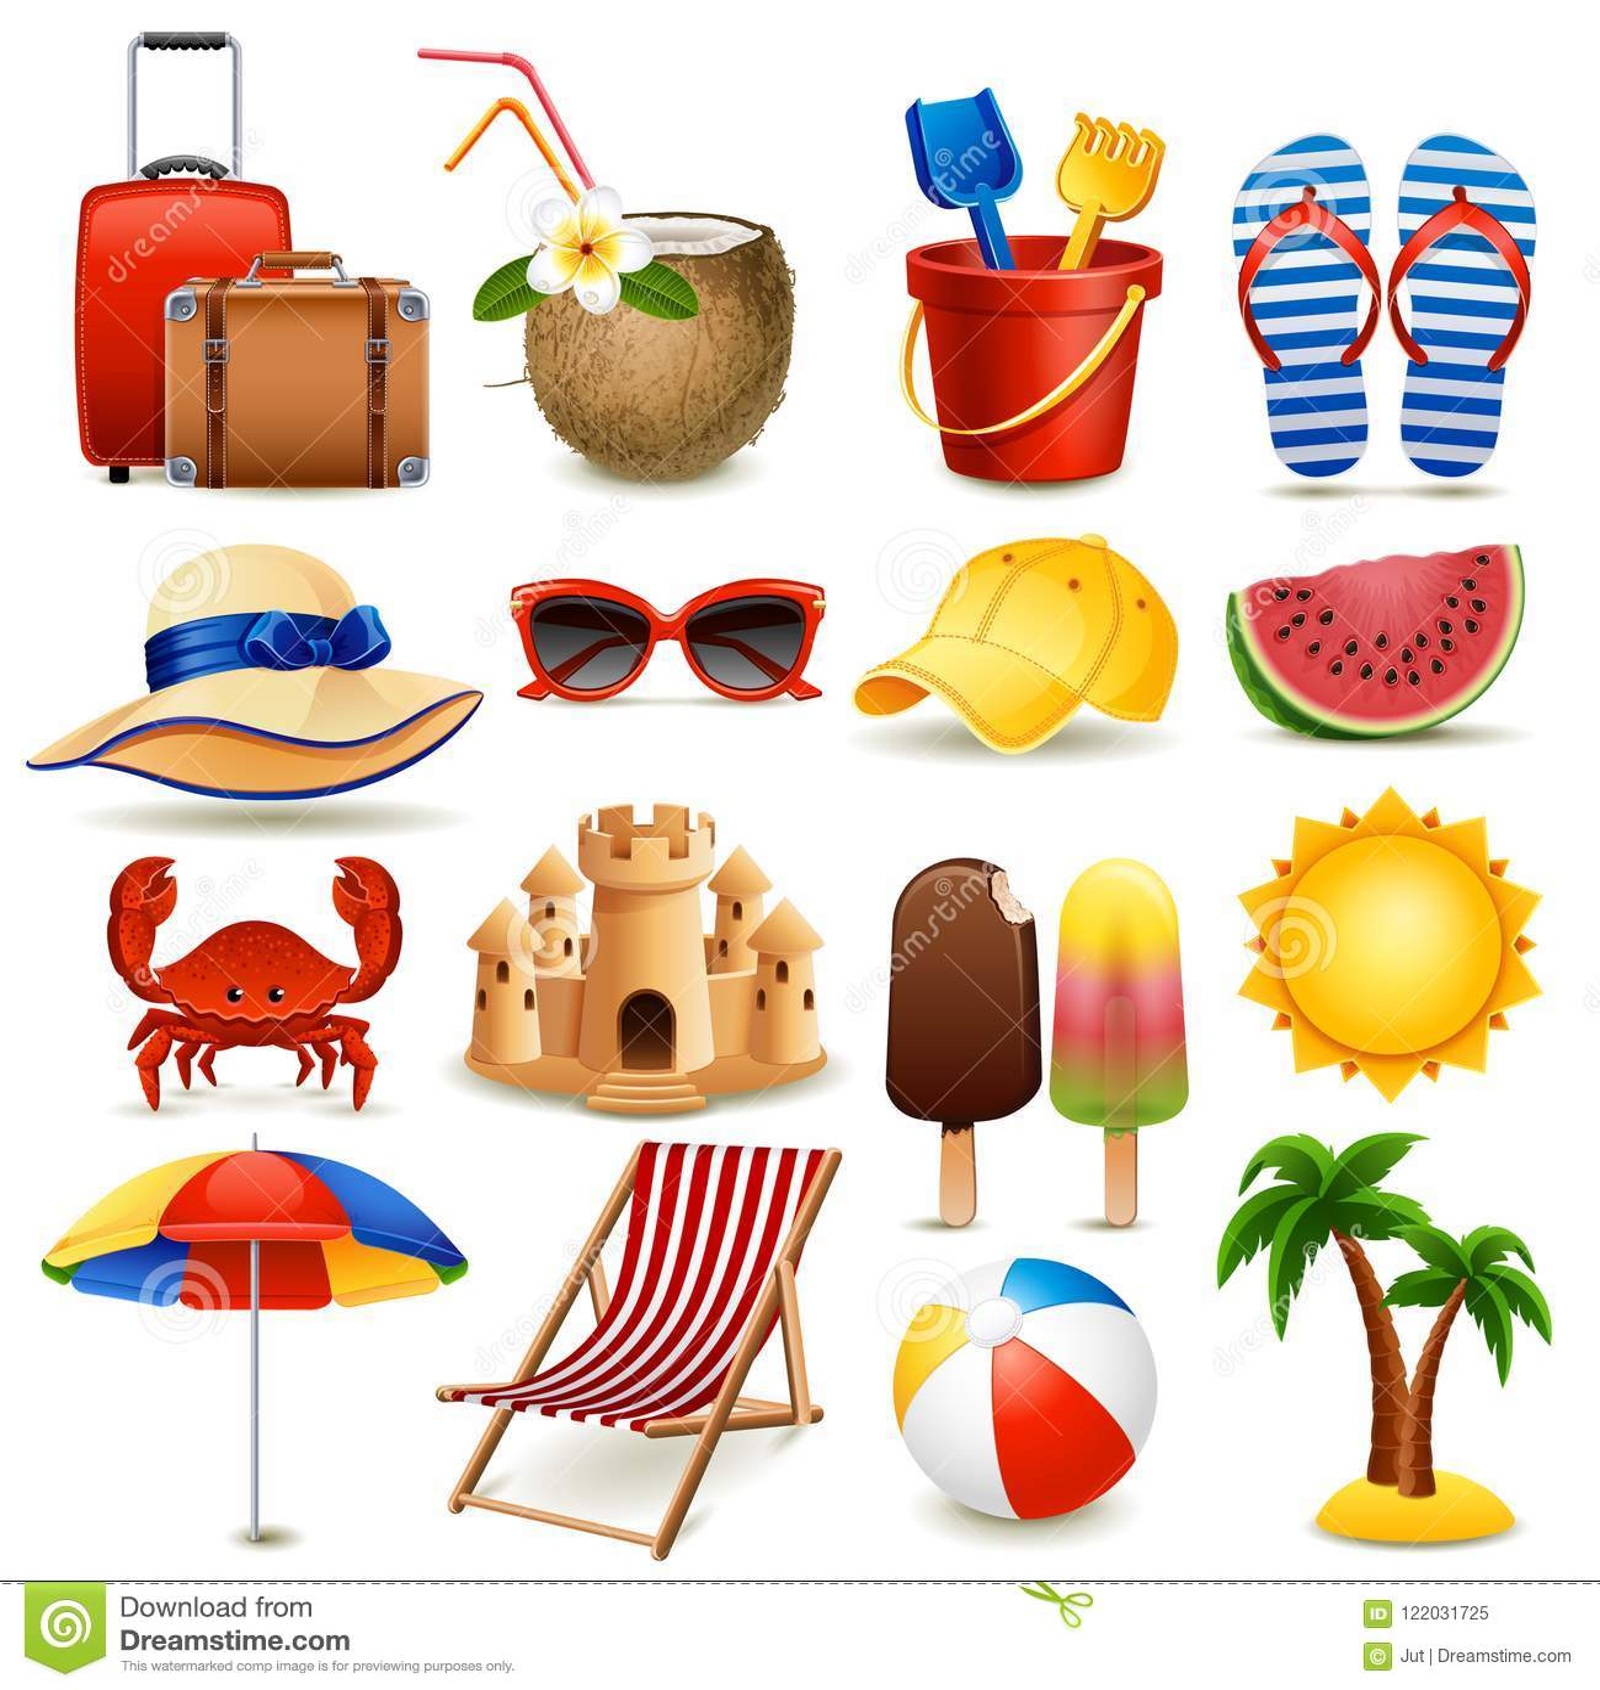 παραλία κάθε χωρισμένο στρώμα καθορισμένο διάνυσμα εικονιδίων